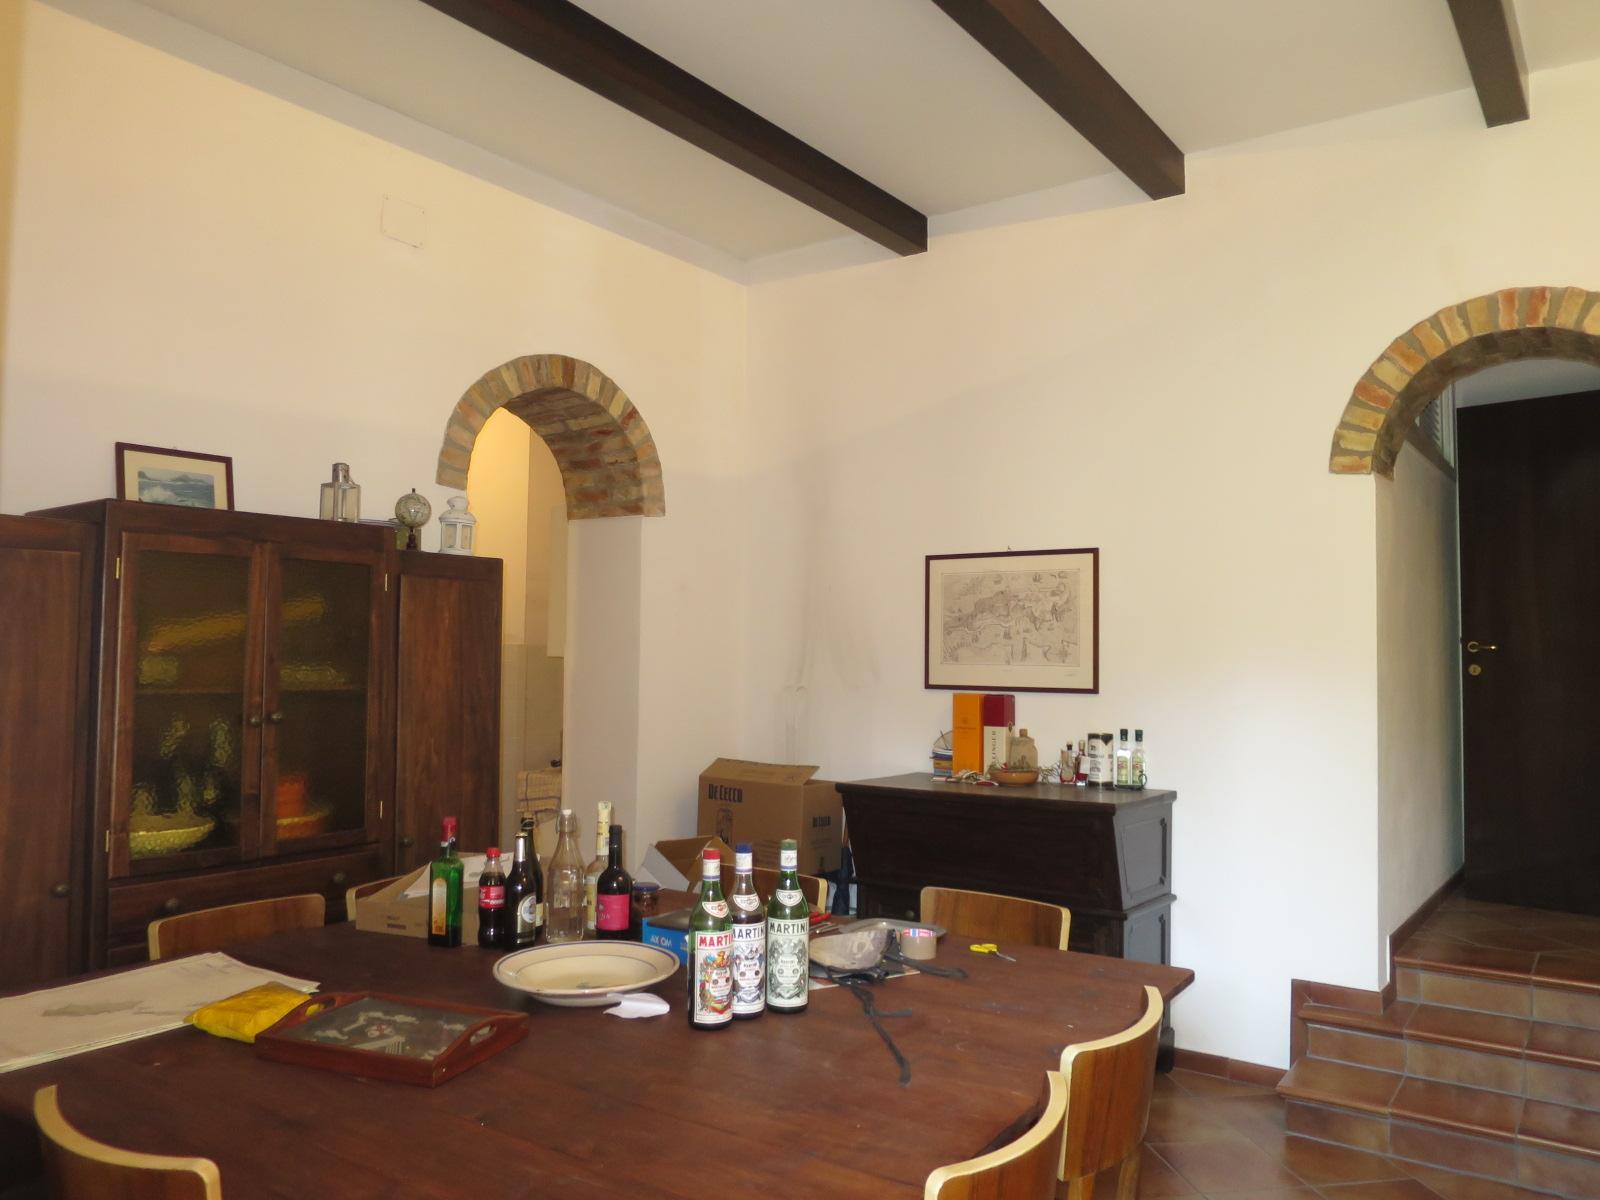 Villa Villa for sale Roseto degli Abruzzi (TE), Villa del Marinaio - Roseto degli Abruzzi - EUR 385.559 460